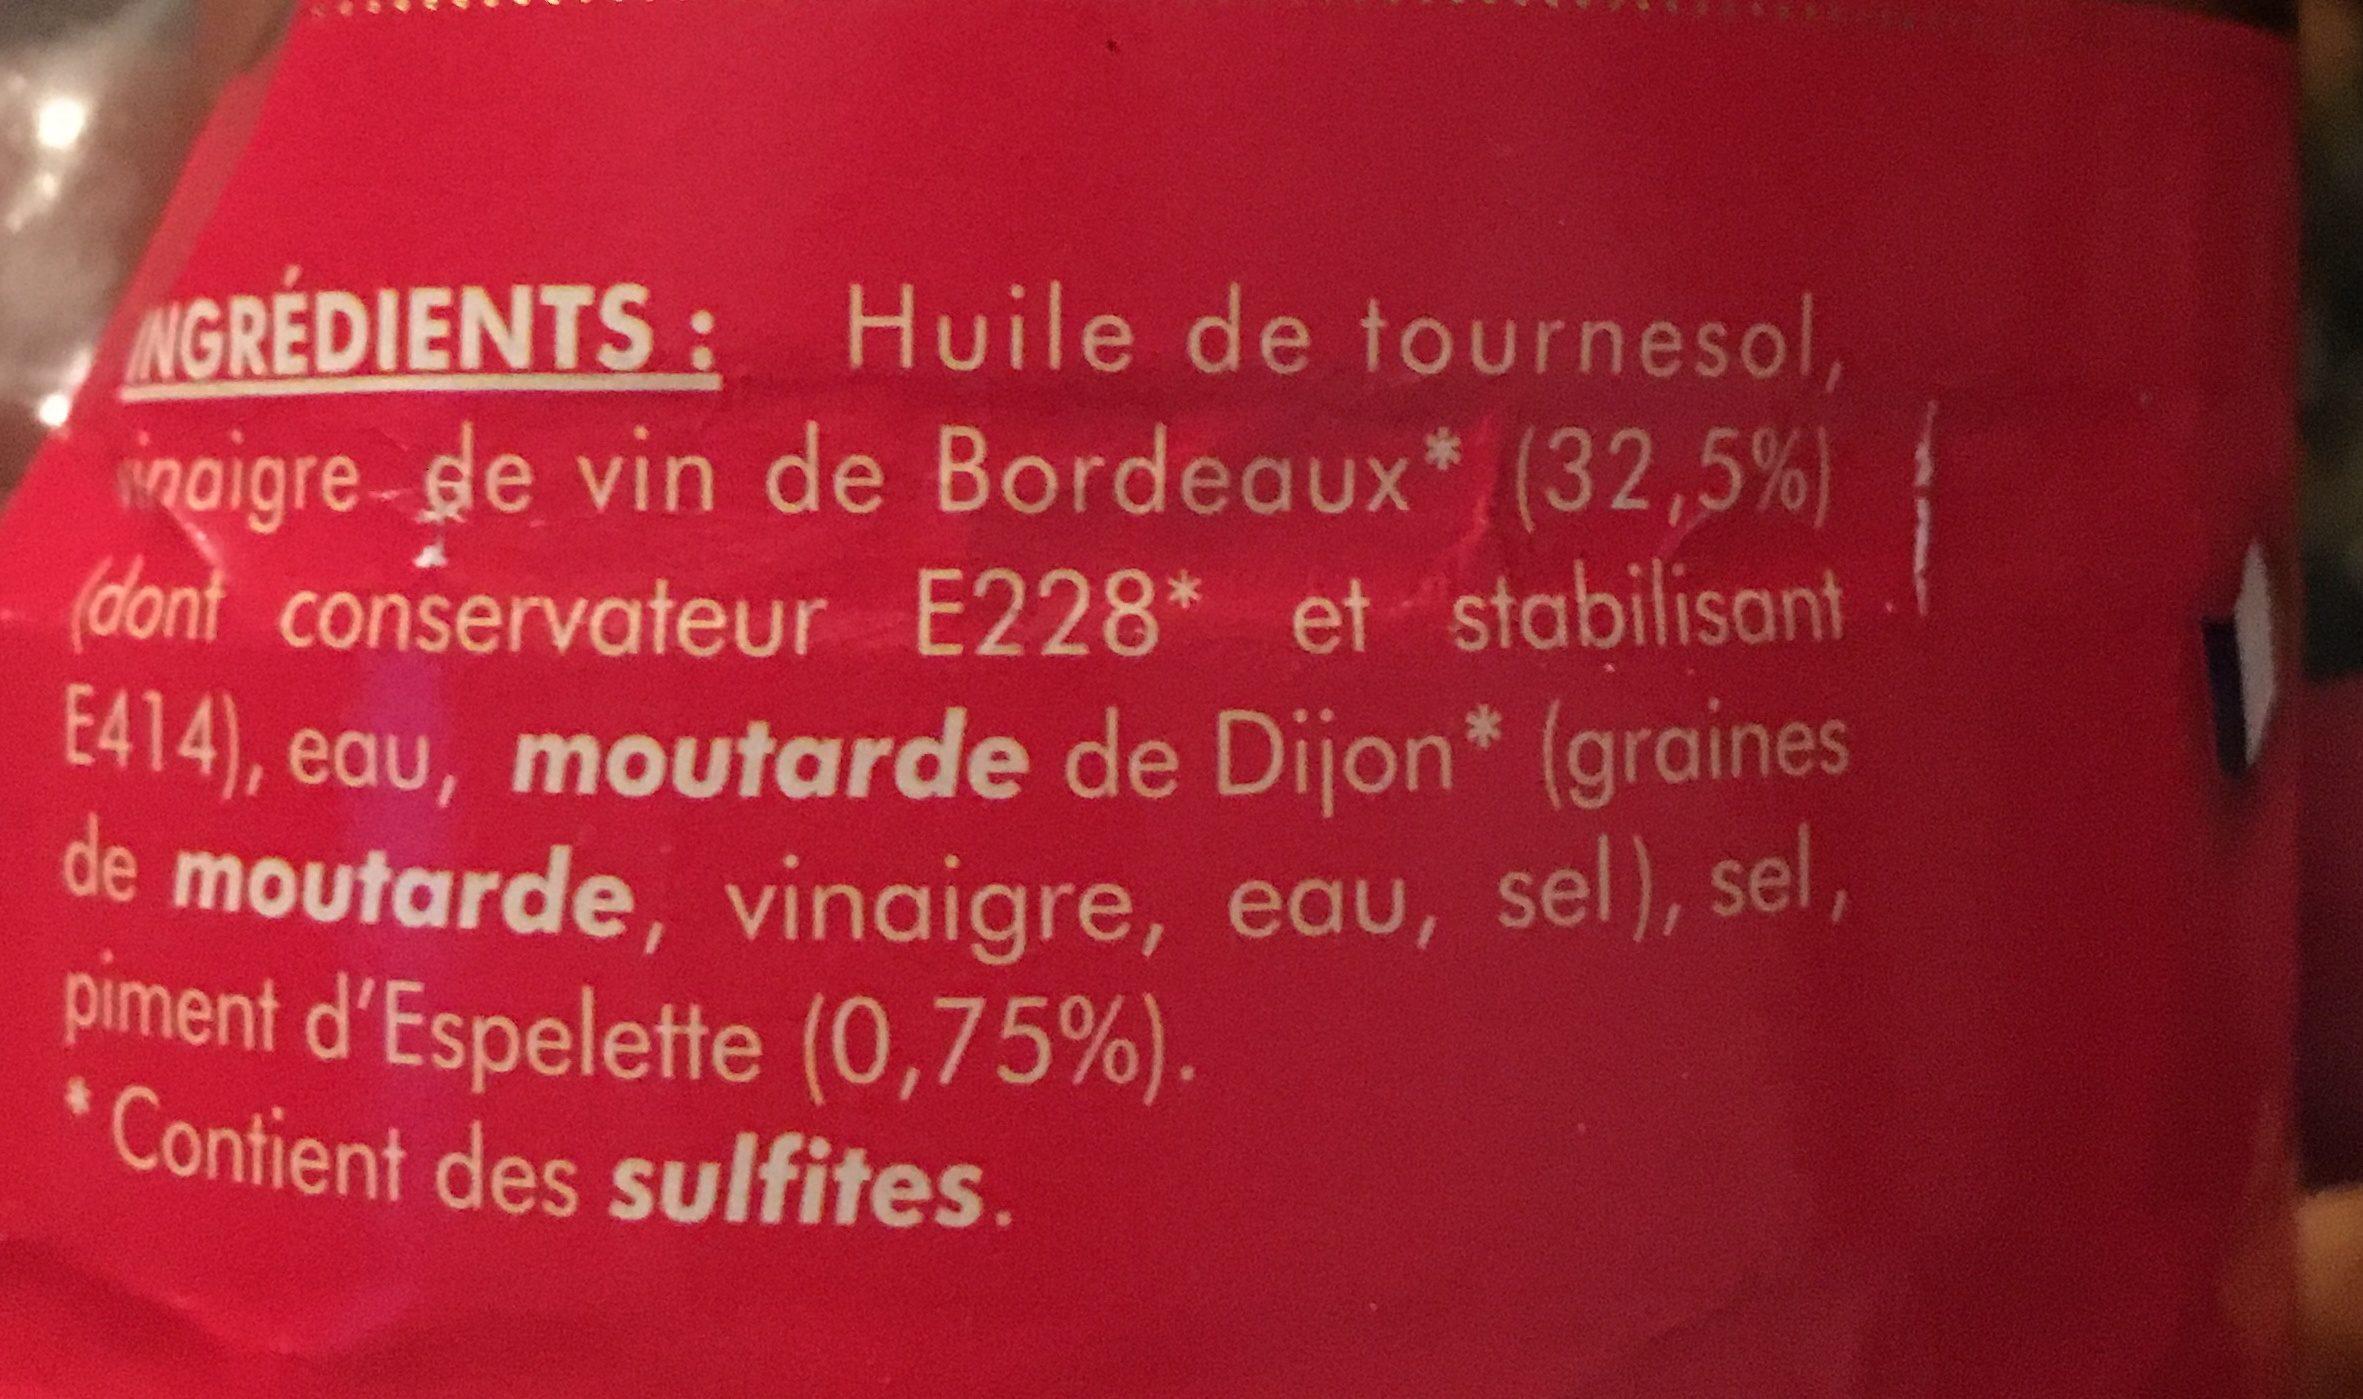 Vinaigrette Au Vinaigre De Vin De Bordeaux Et Piment d Espelette - Ingrédients - fr